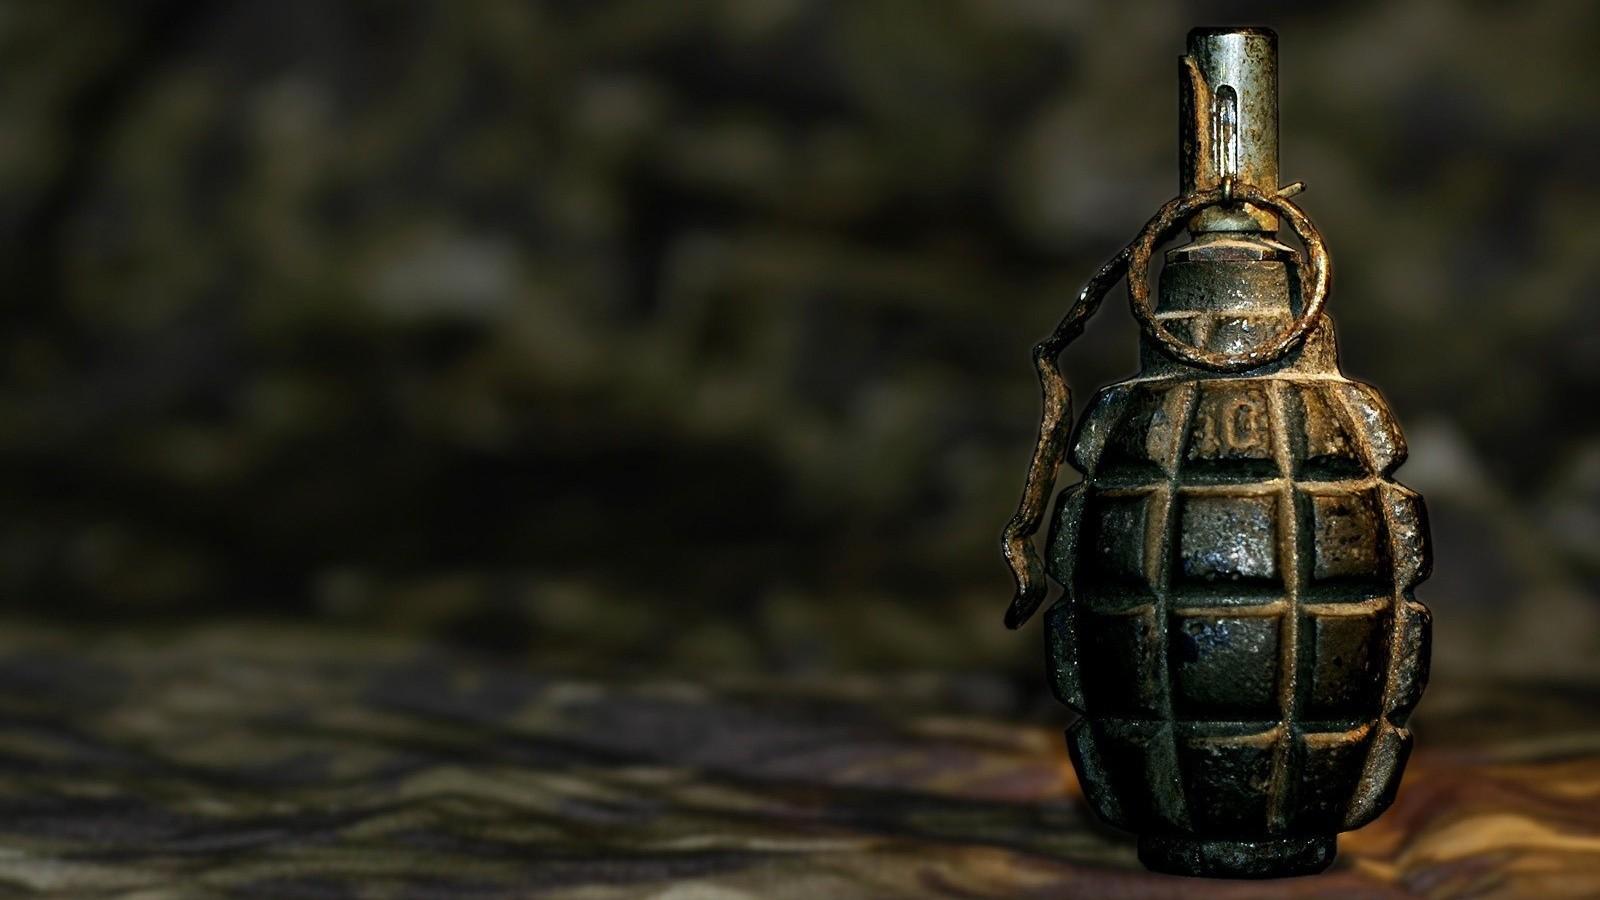 Найденная в поликлинике граната оказалась учебной